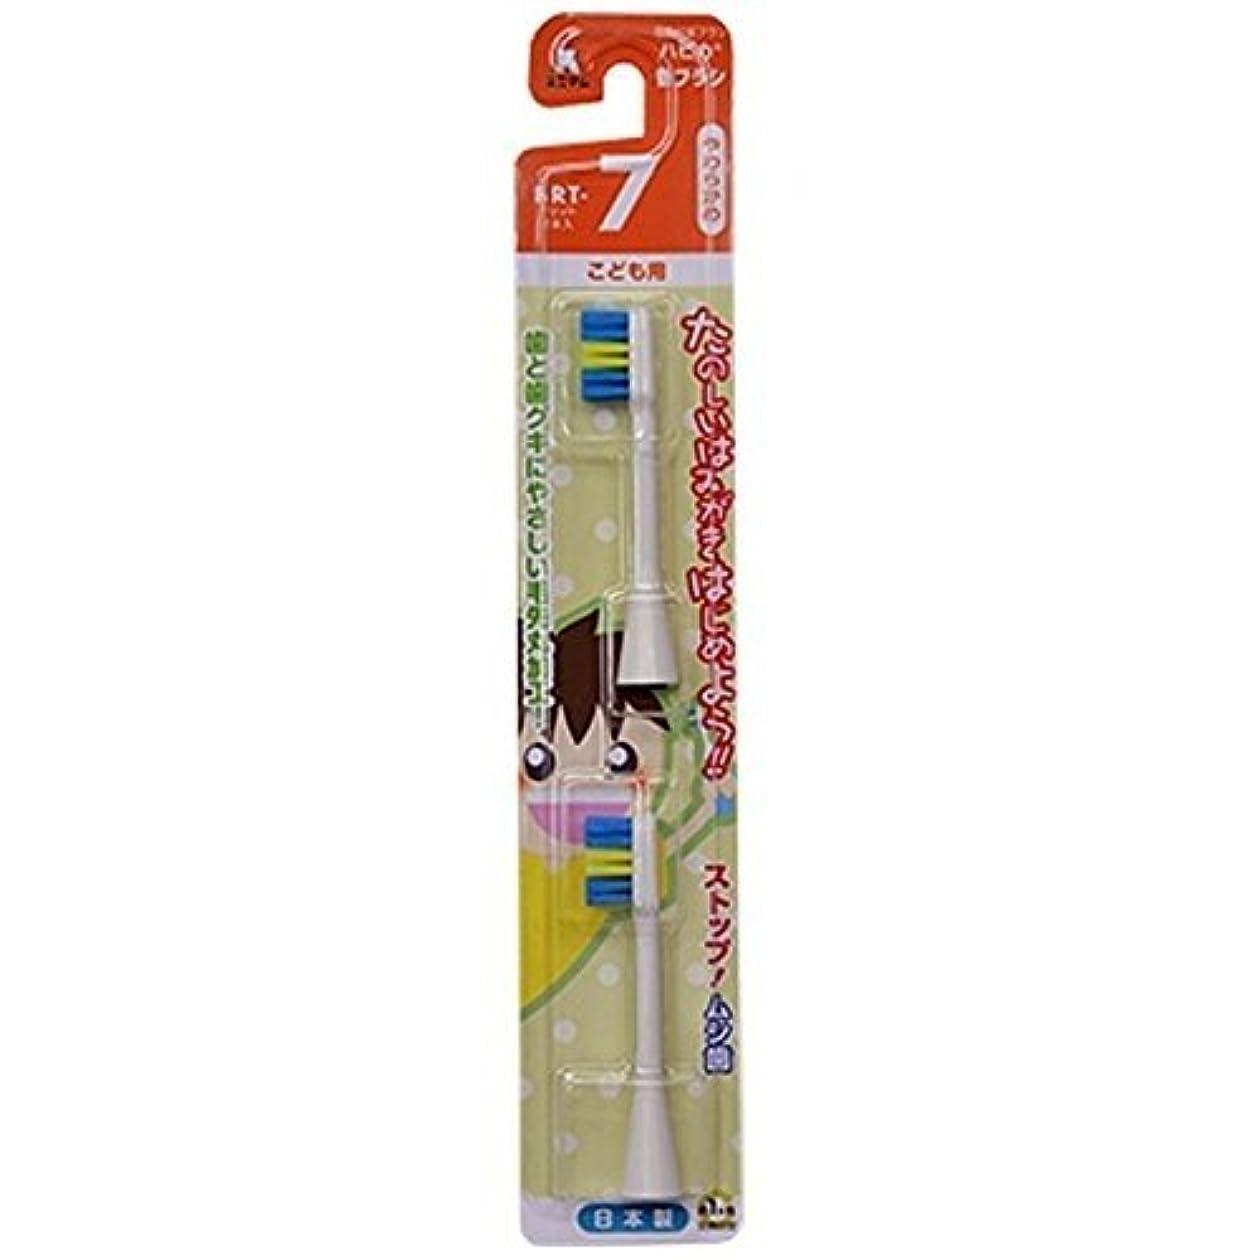 巻き戻す倒産センサーミニマム 電動付歯ブラシ ハピカ 専用替ブラシ こども用 毛の硬さ:やわらかめ BRT-7 2個入